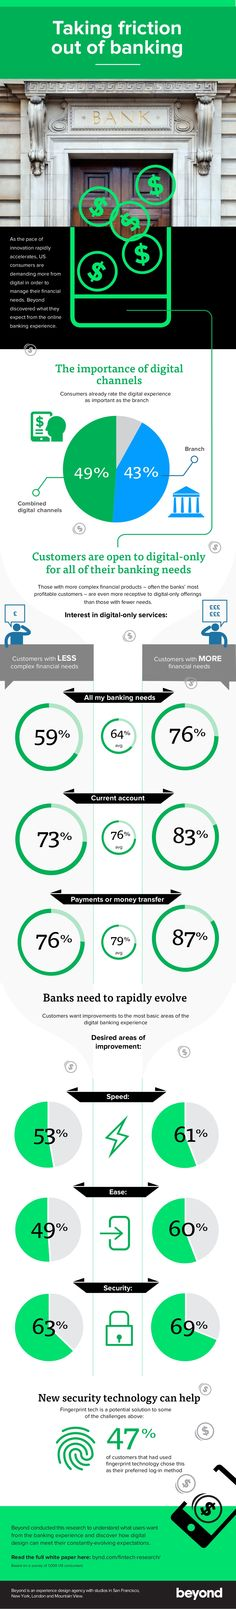 beyond #fintech #infographic us-1-1024.jpg (1024×6984)